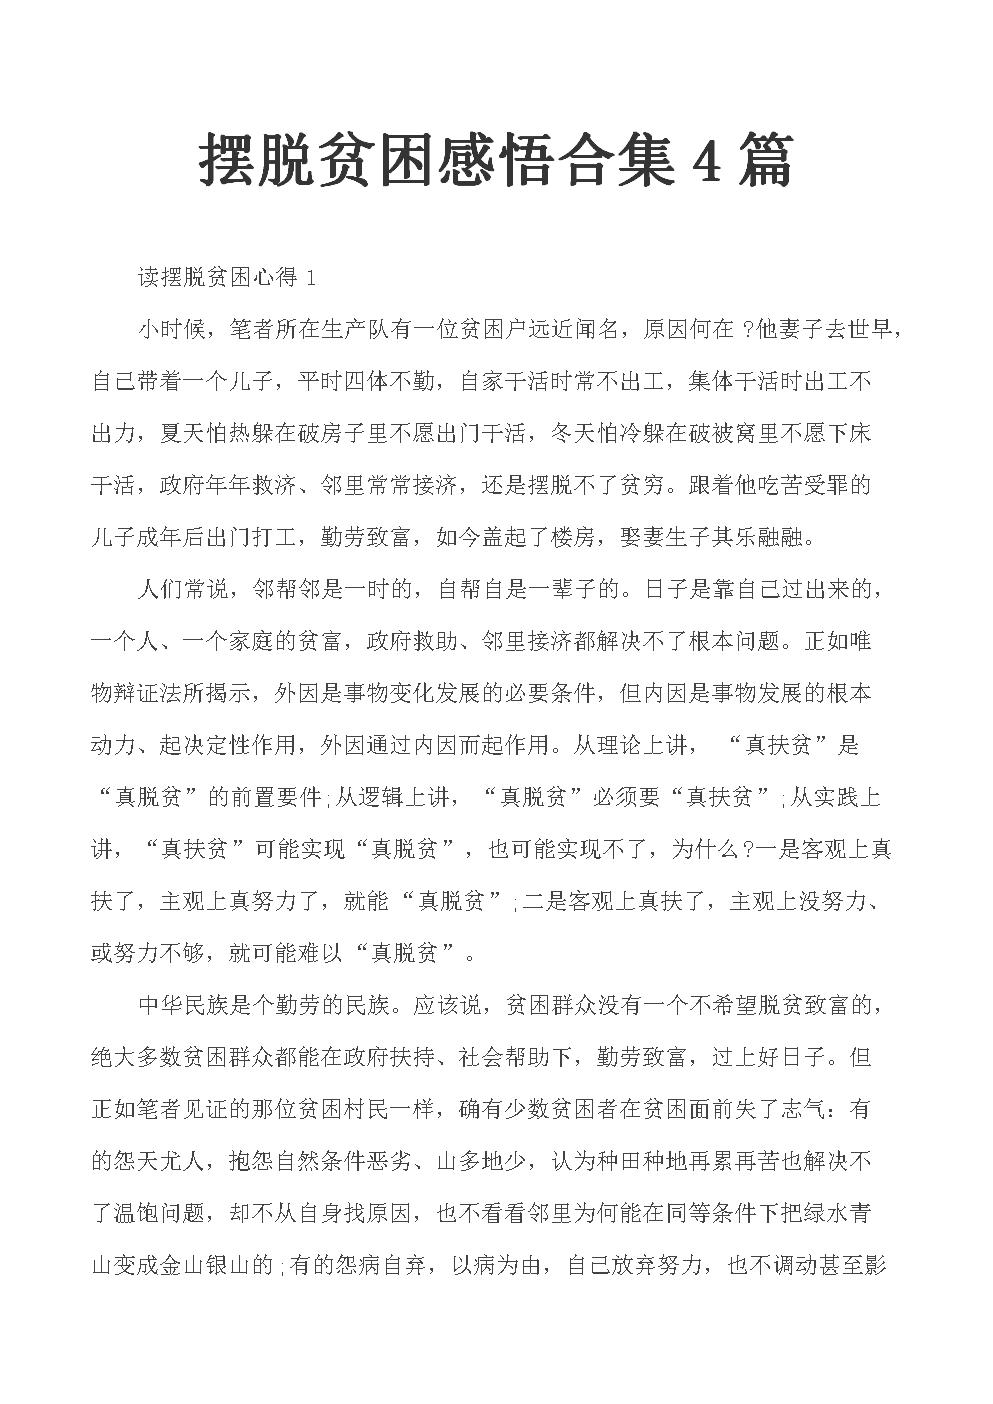 摆脱贫困感悟合集4篇.docx